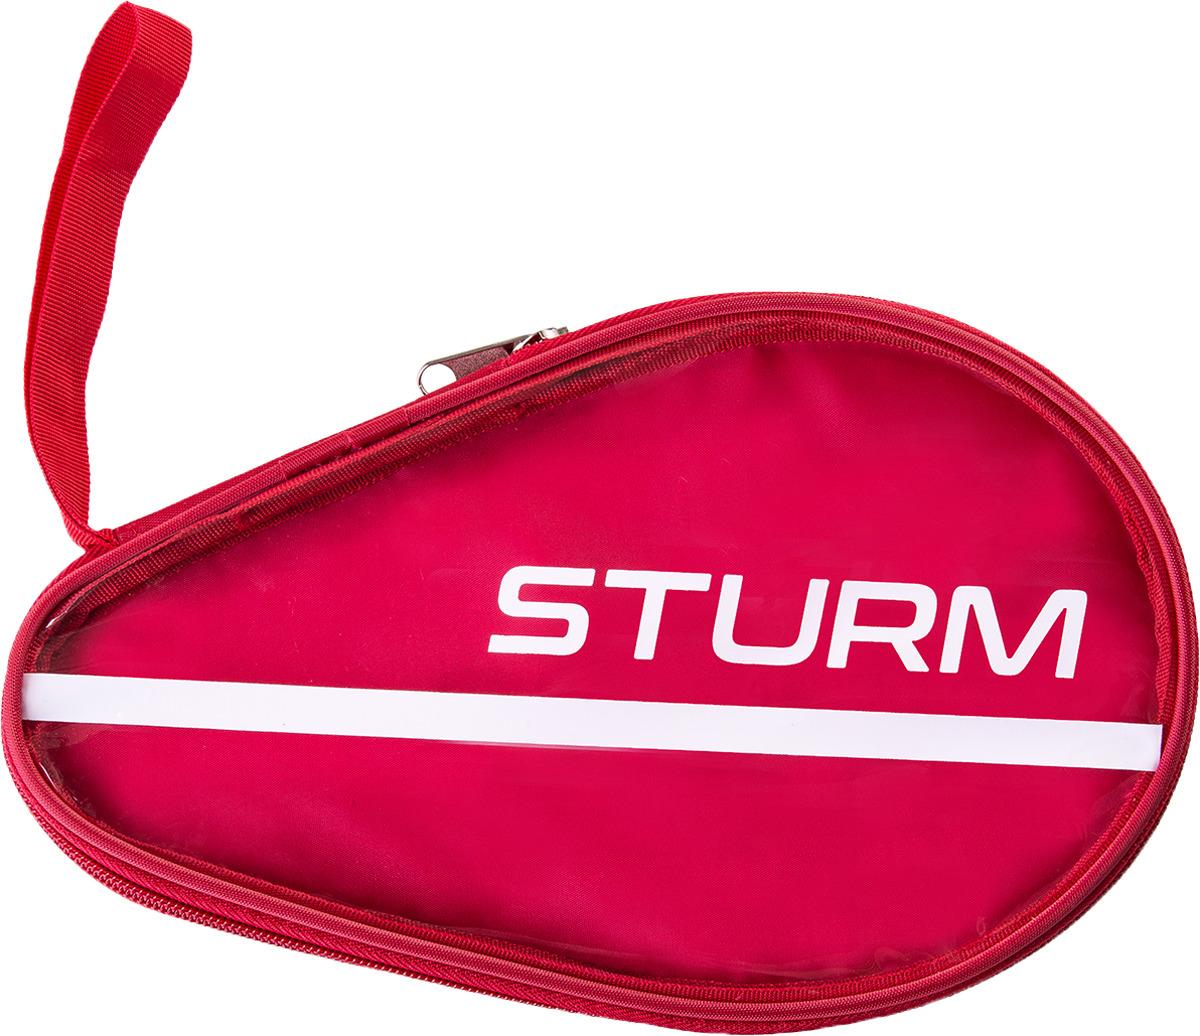 Чехол для ракетки для настольного тенниса Sturm CS-02, для одной ракетки, цвет: красный, прозрачный мужская бейсболка 11 cayler snapback